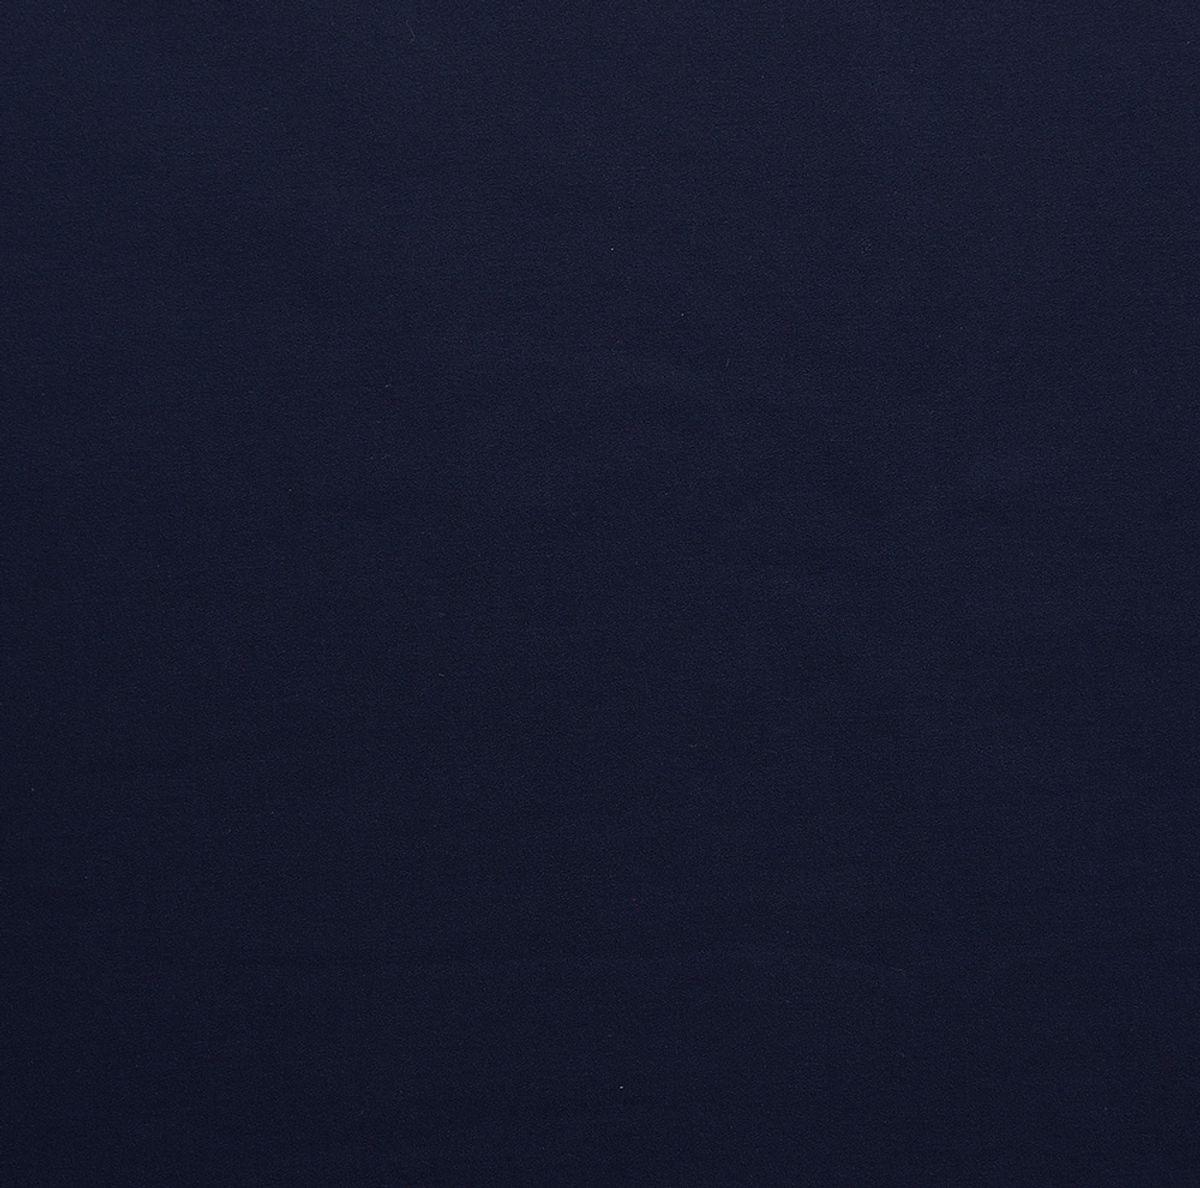 Tissu crêpe viscose - Bleu marine